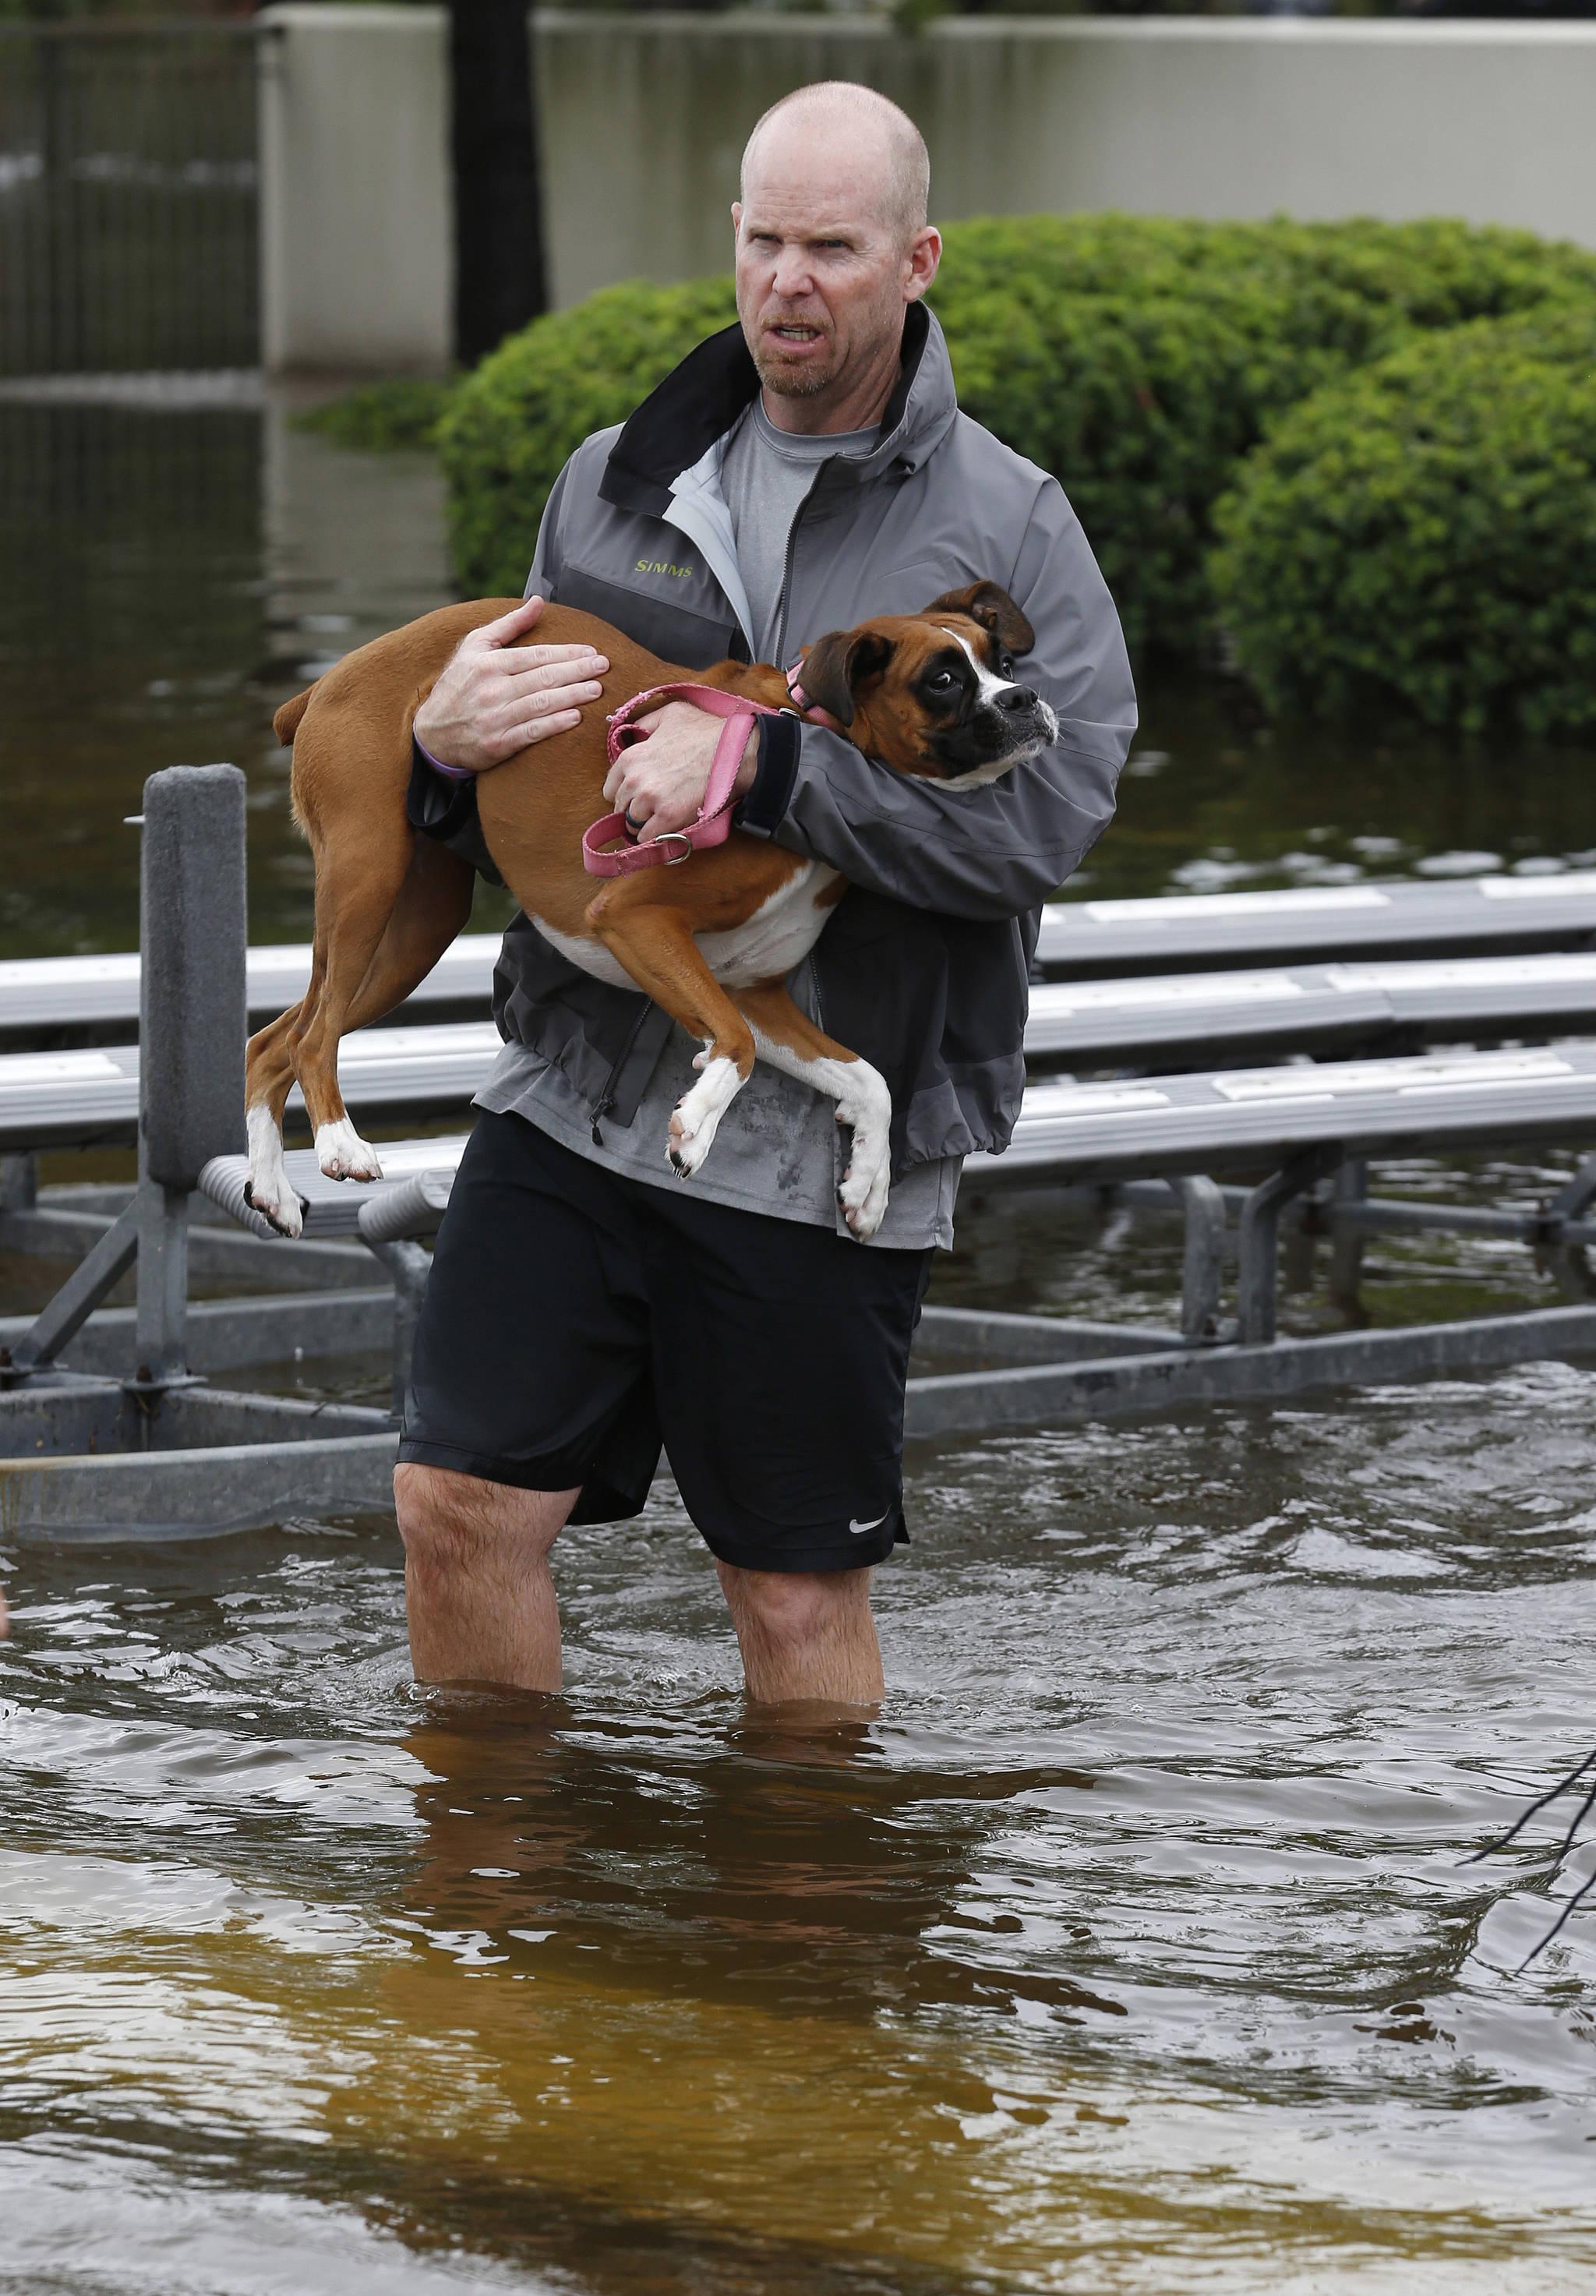 27일(현지시간) 미국 텍사스(Texas)주 갤버스턴카운티(Galveston County)에 있는 리그시티에서 한 남성이 반려견을 안고 물에 잠긴 자신의 집에서 탈출하고 있다.[AP=연합뉴스]